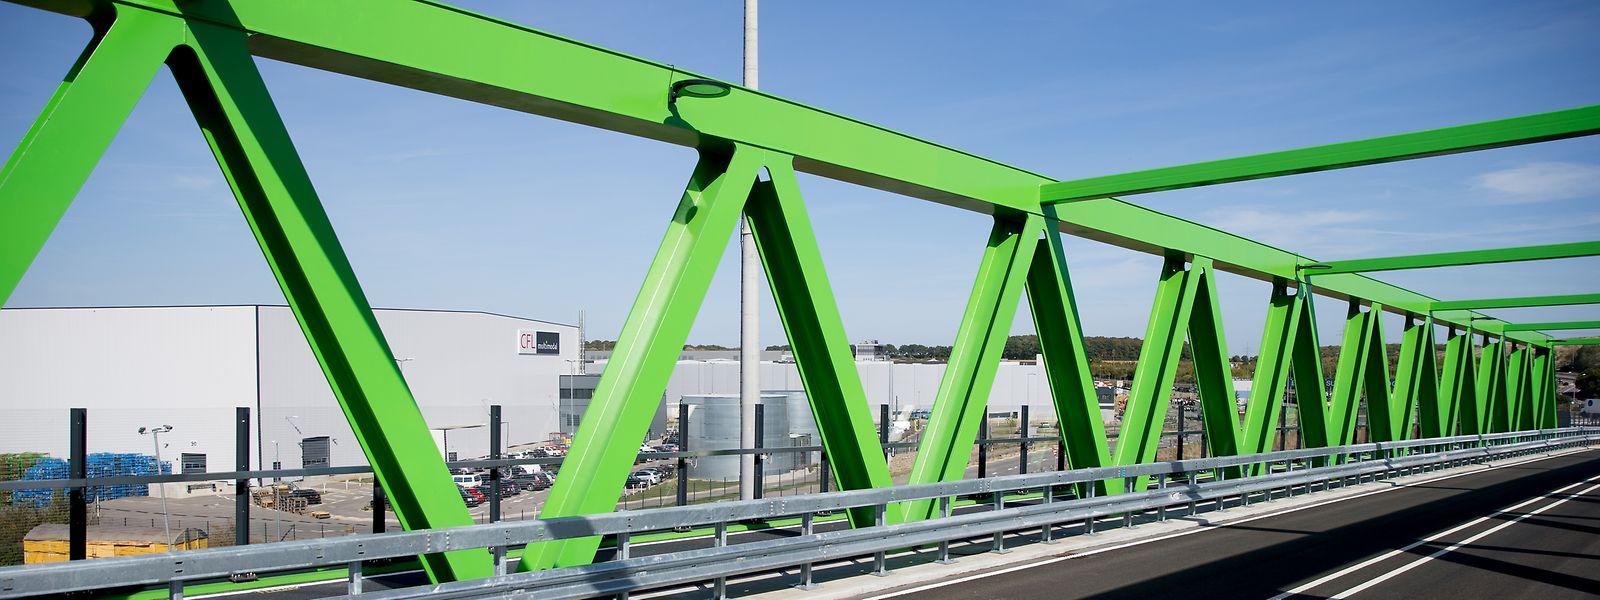 Die leuchtend grüne Brücke verläuft parallel zur Autobahn A13 vom Eurohub Sud zum Intermodal-Terminal